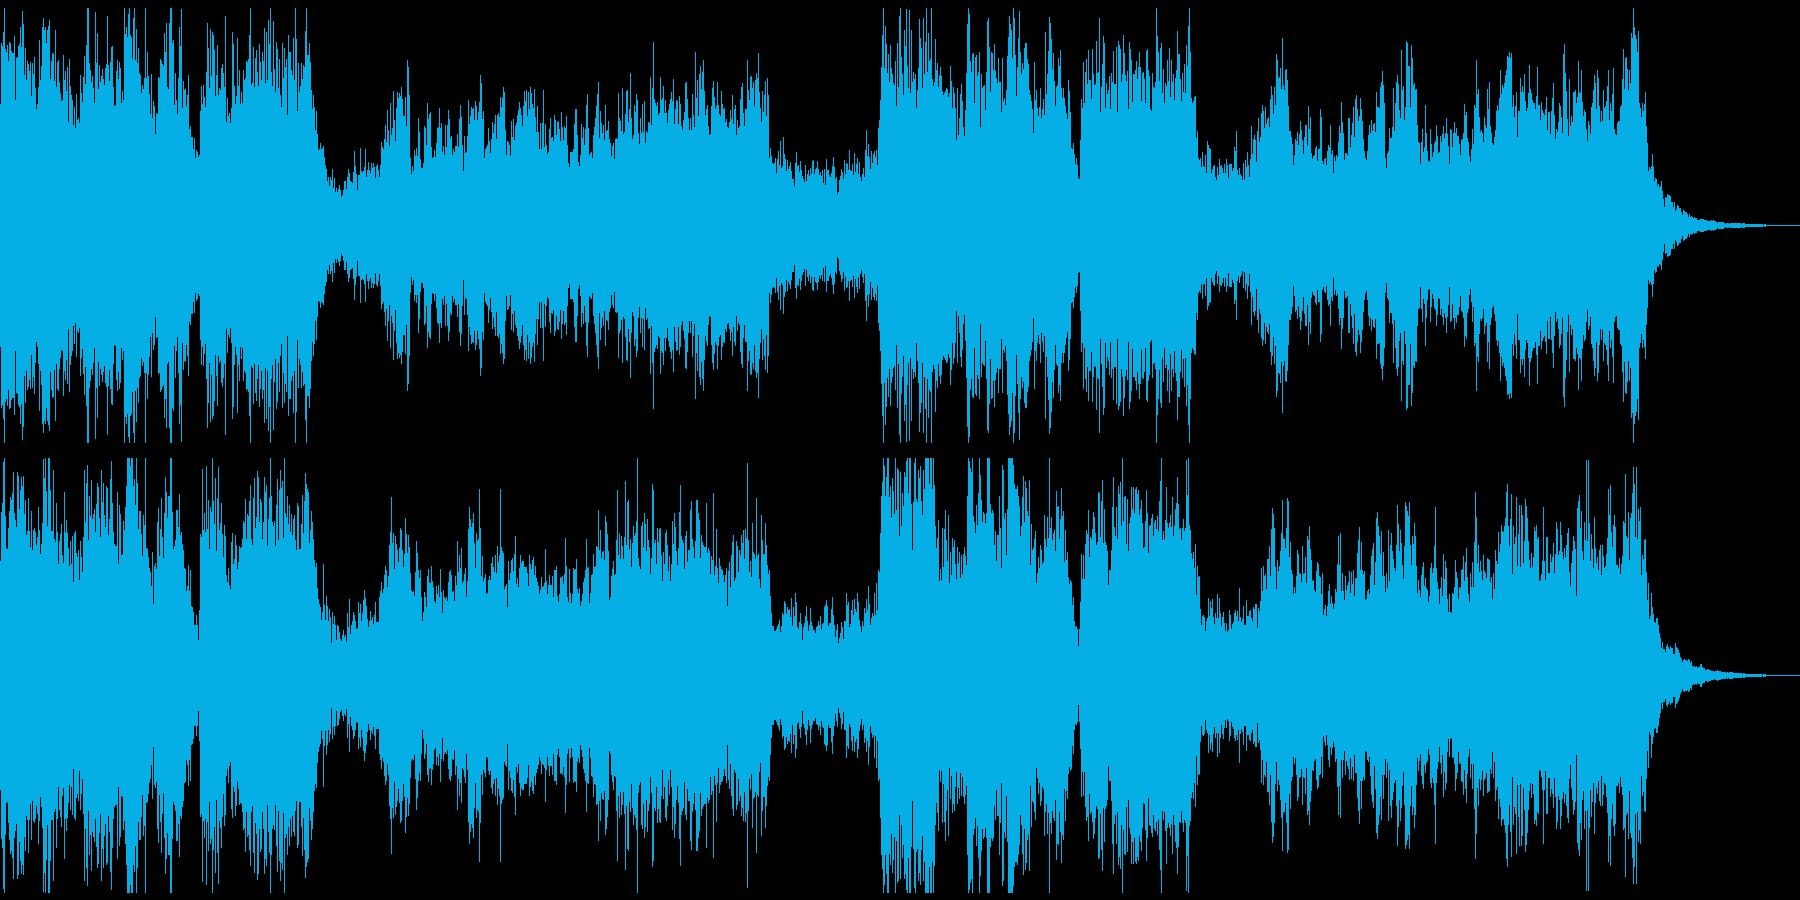 CMや映画、ゲームなどでよく聴くあの曲の再生済みの波形